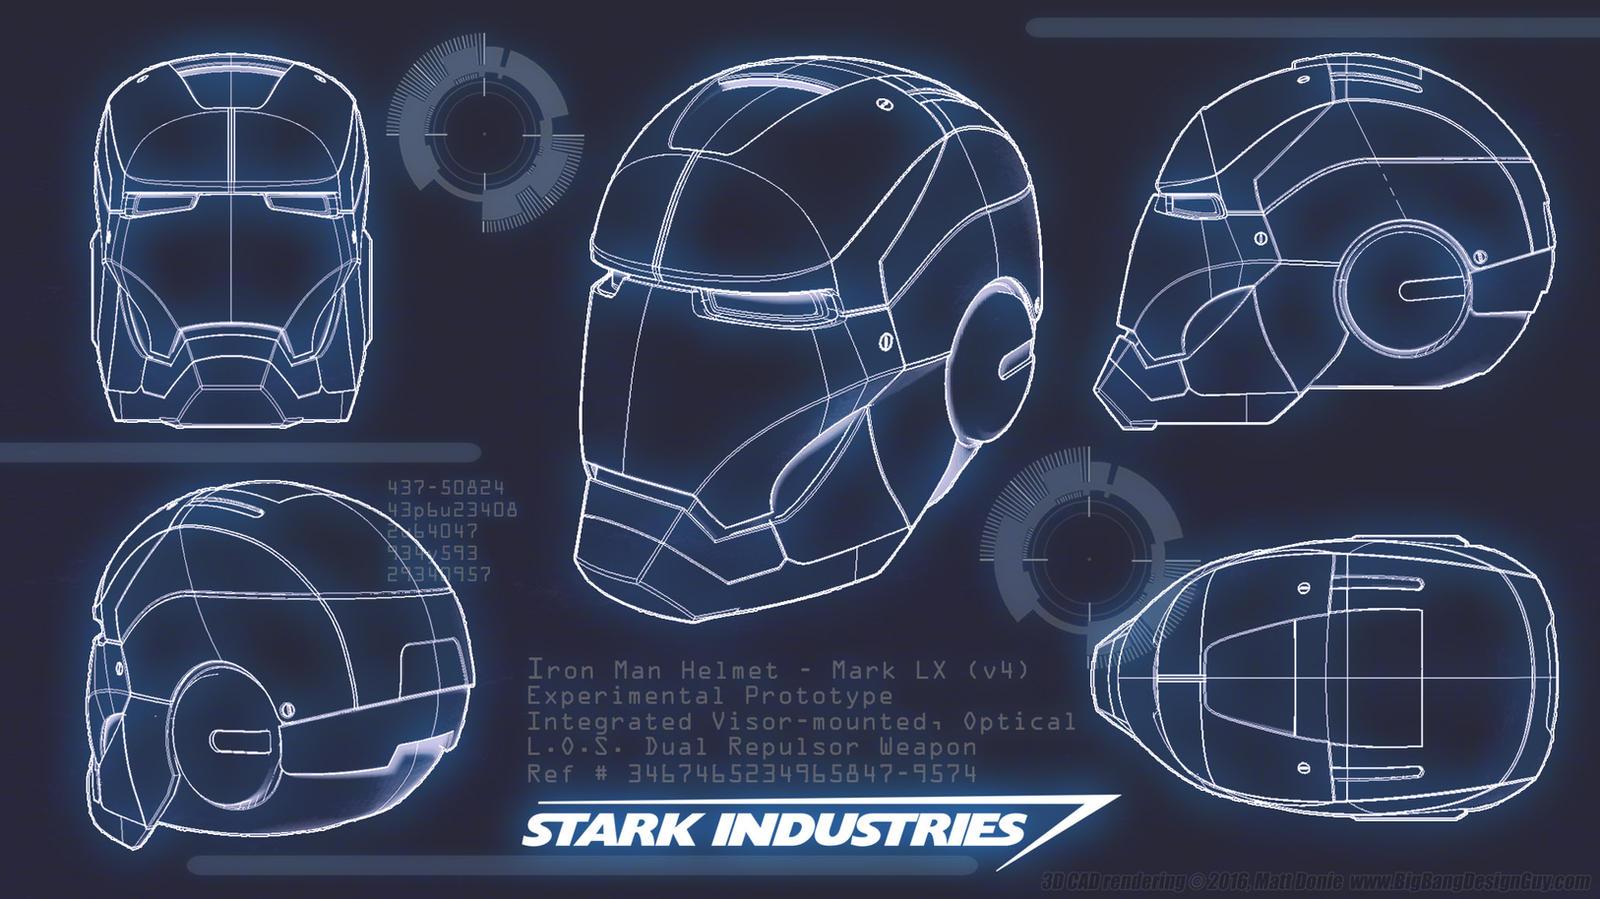 iron man blueprint by ravendeviant on deviantart rh deviantart com Iron Man Diagram iron man helmet schematics